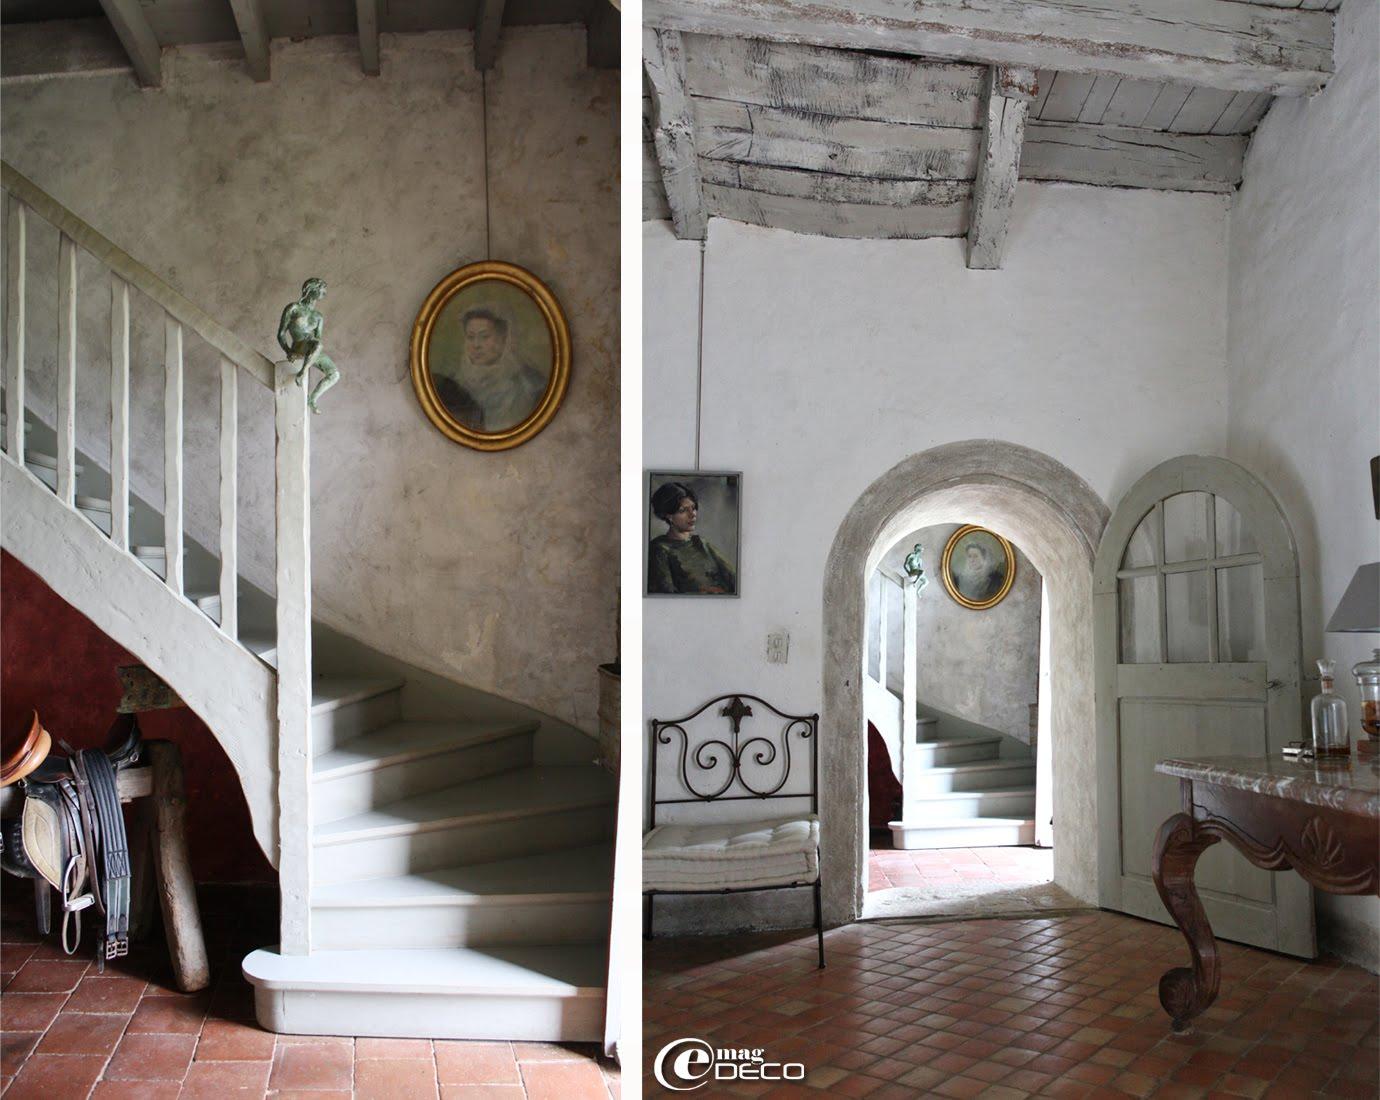 Tableaux de Christoff Debusschere dans le salon du Relais de Roquefereau, maison d'hôtes à Penne-d'Agenais